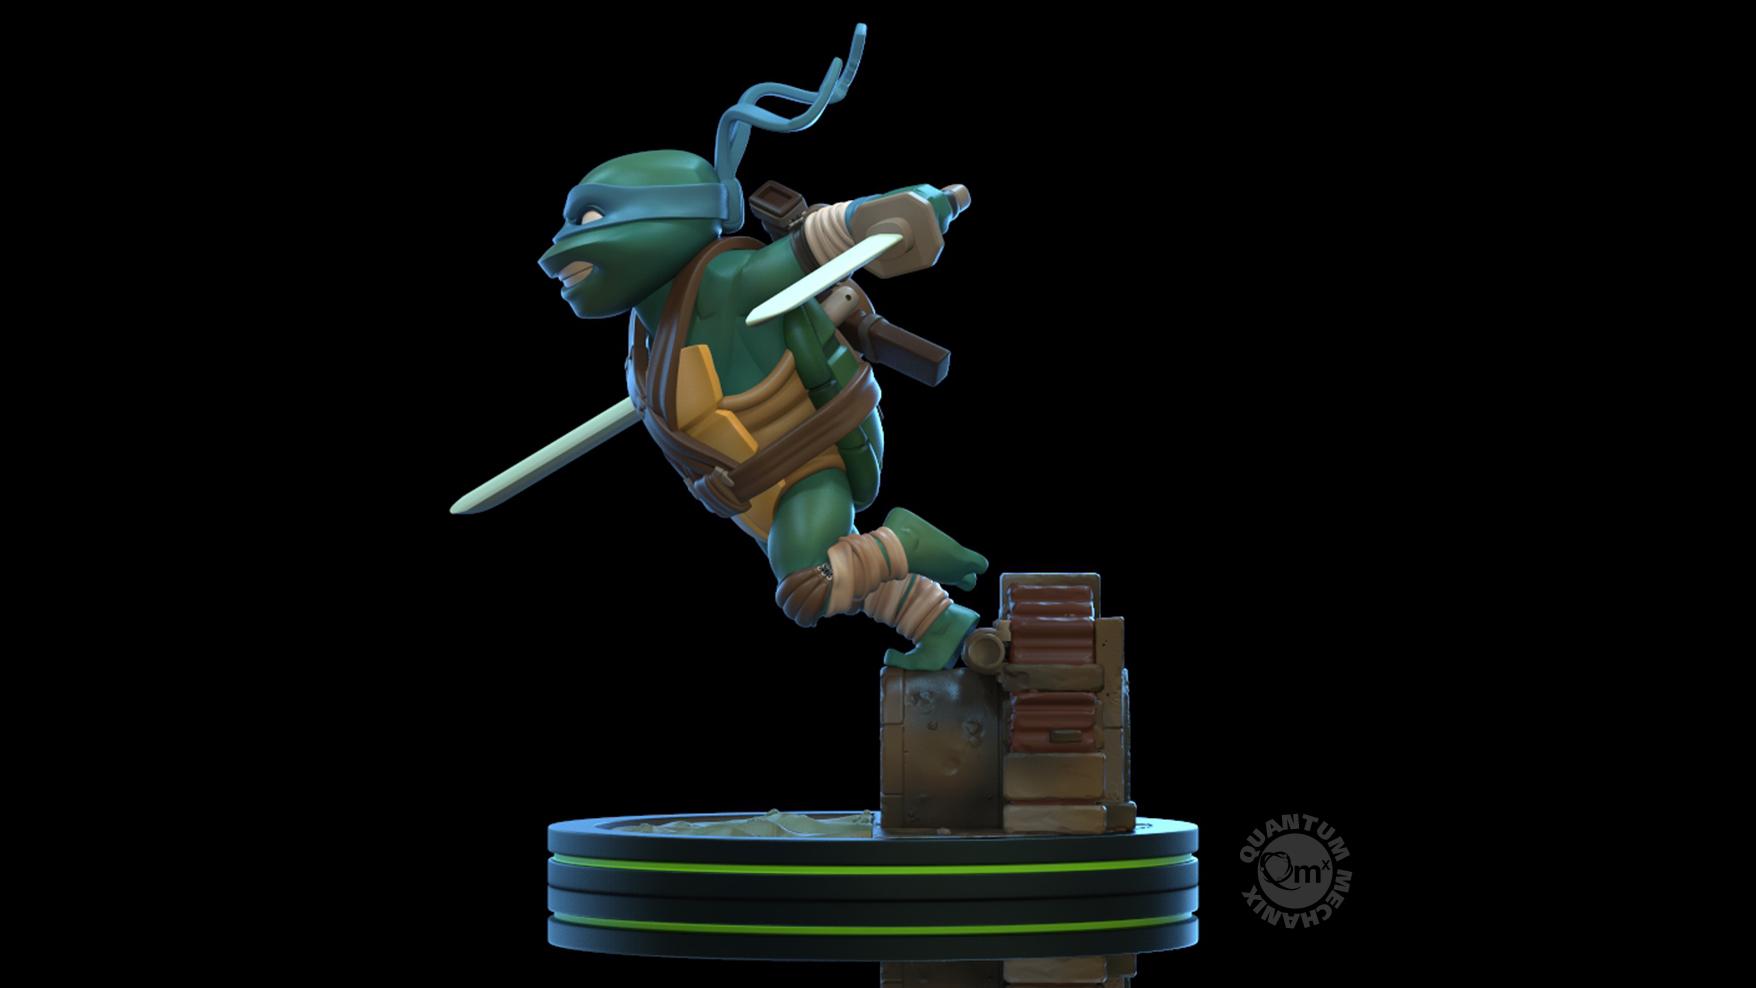 TMNT - Leonardo Diorama Figure